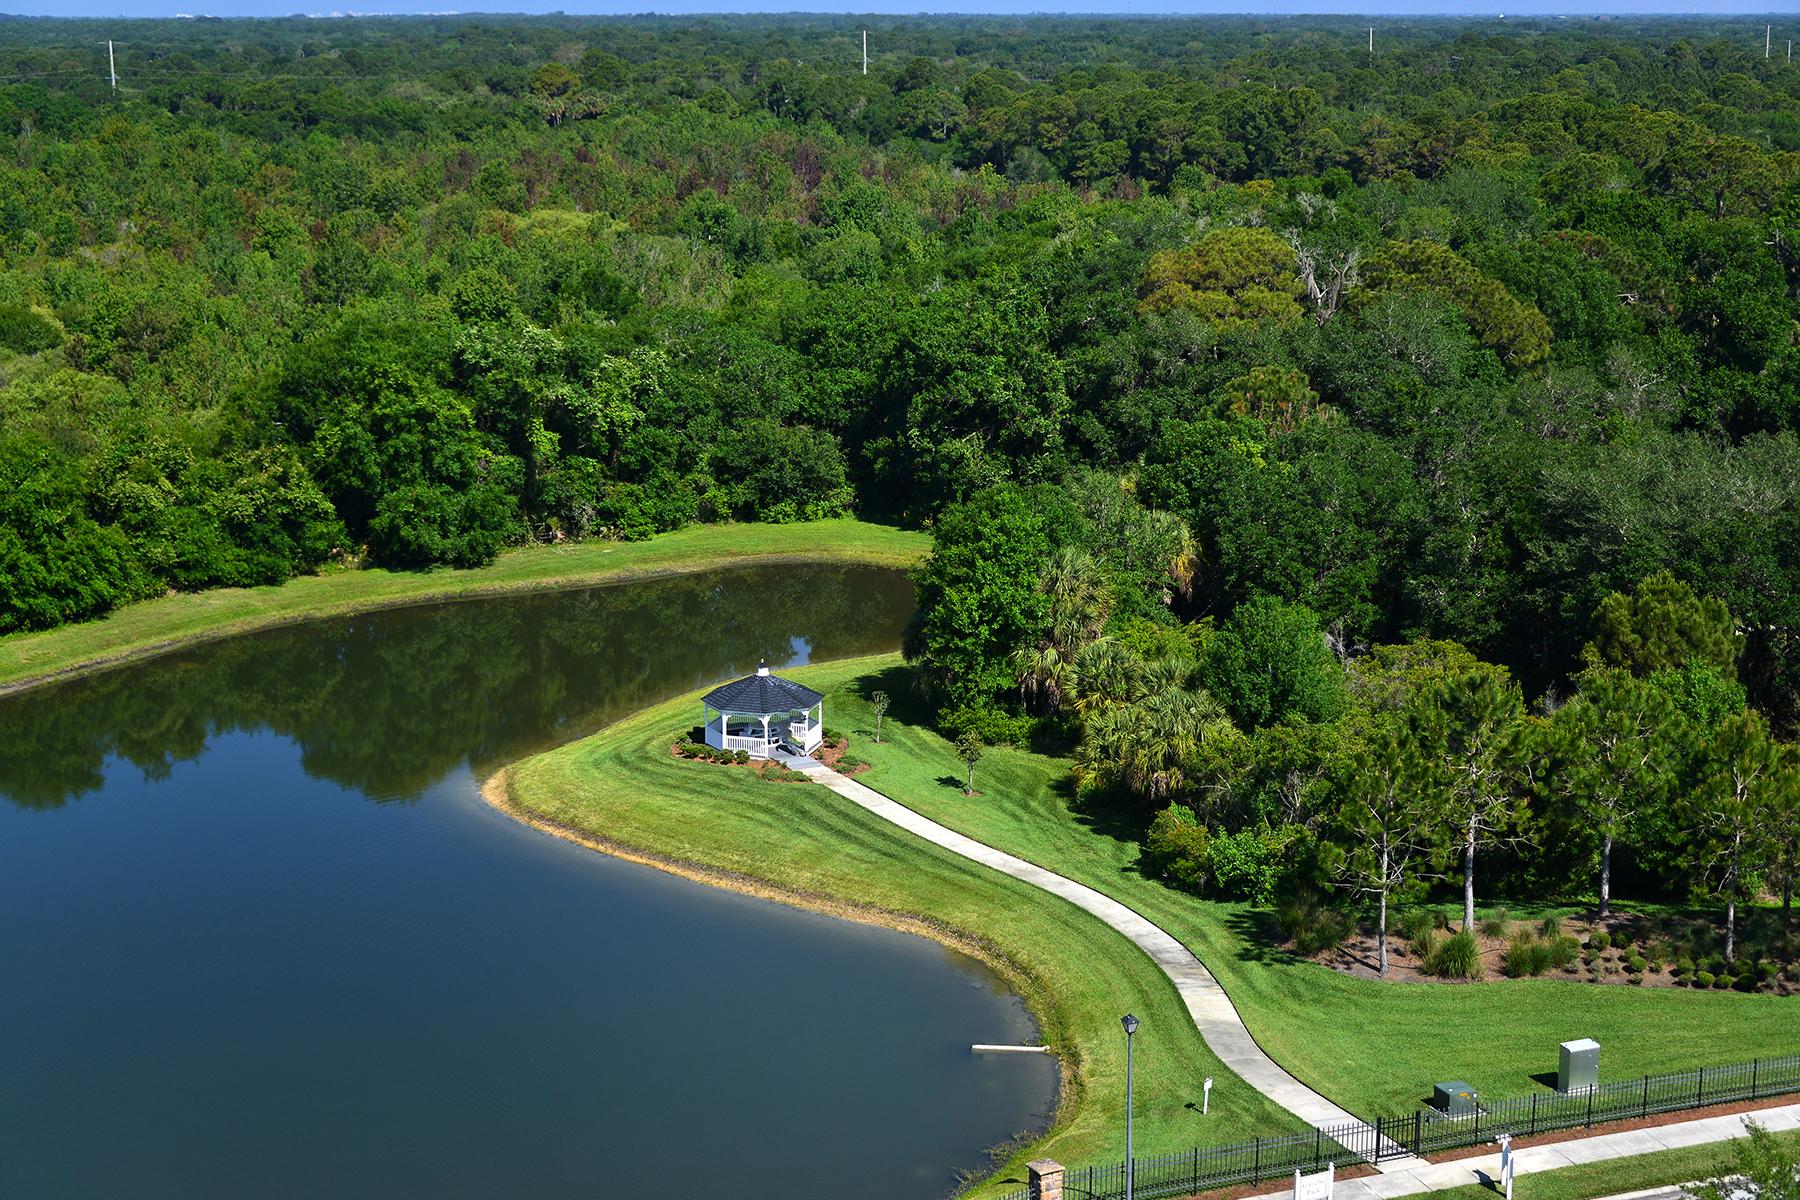 Terreno por un Venta en FOREST AT HI HAT RANCH 9400 Swaying Branch Rd 29 Sarasota, Florida, 34241 Estados Unidos